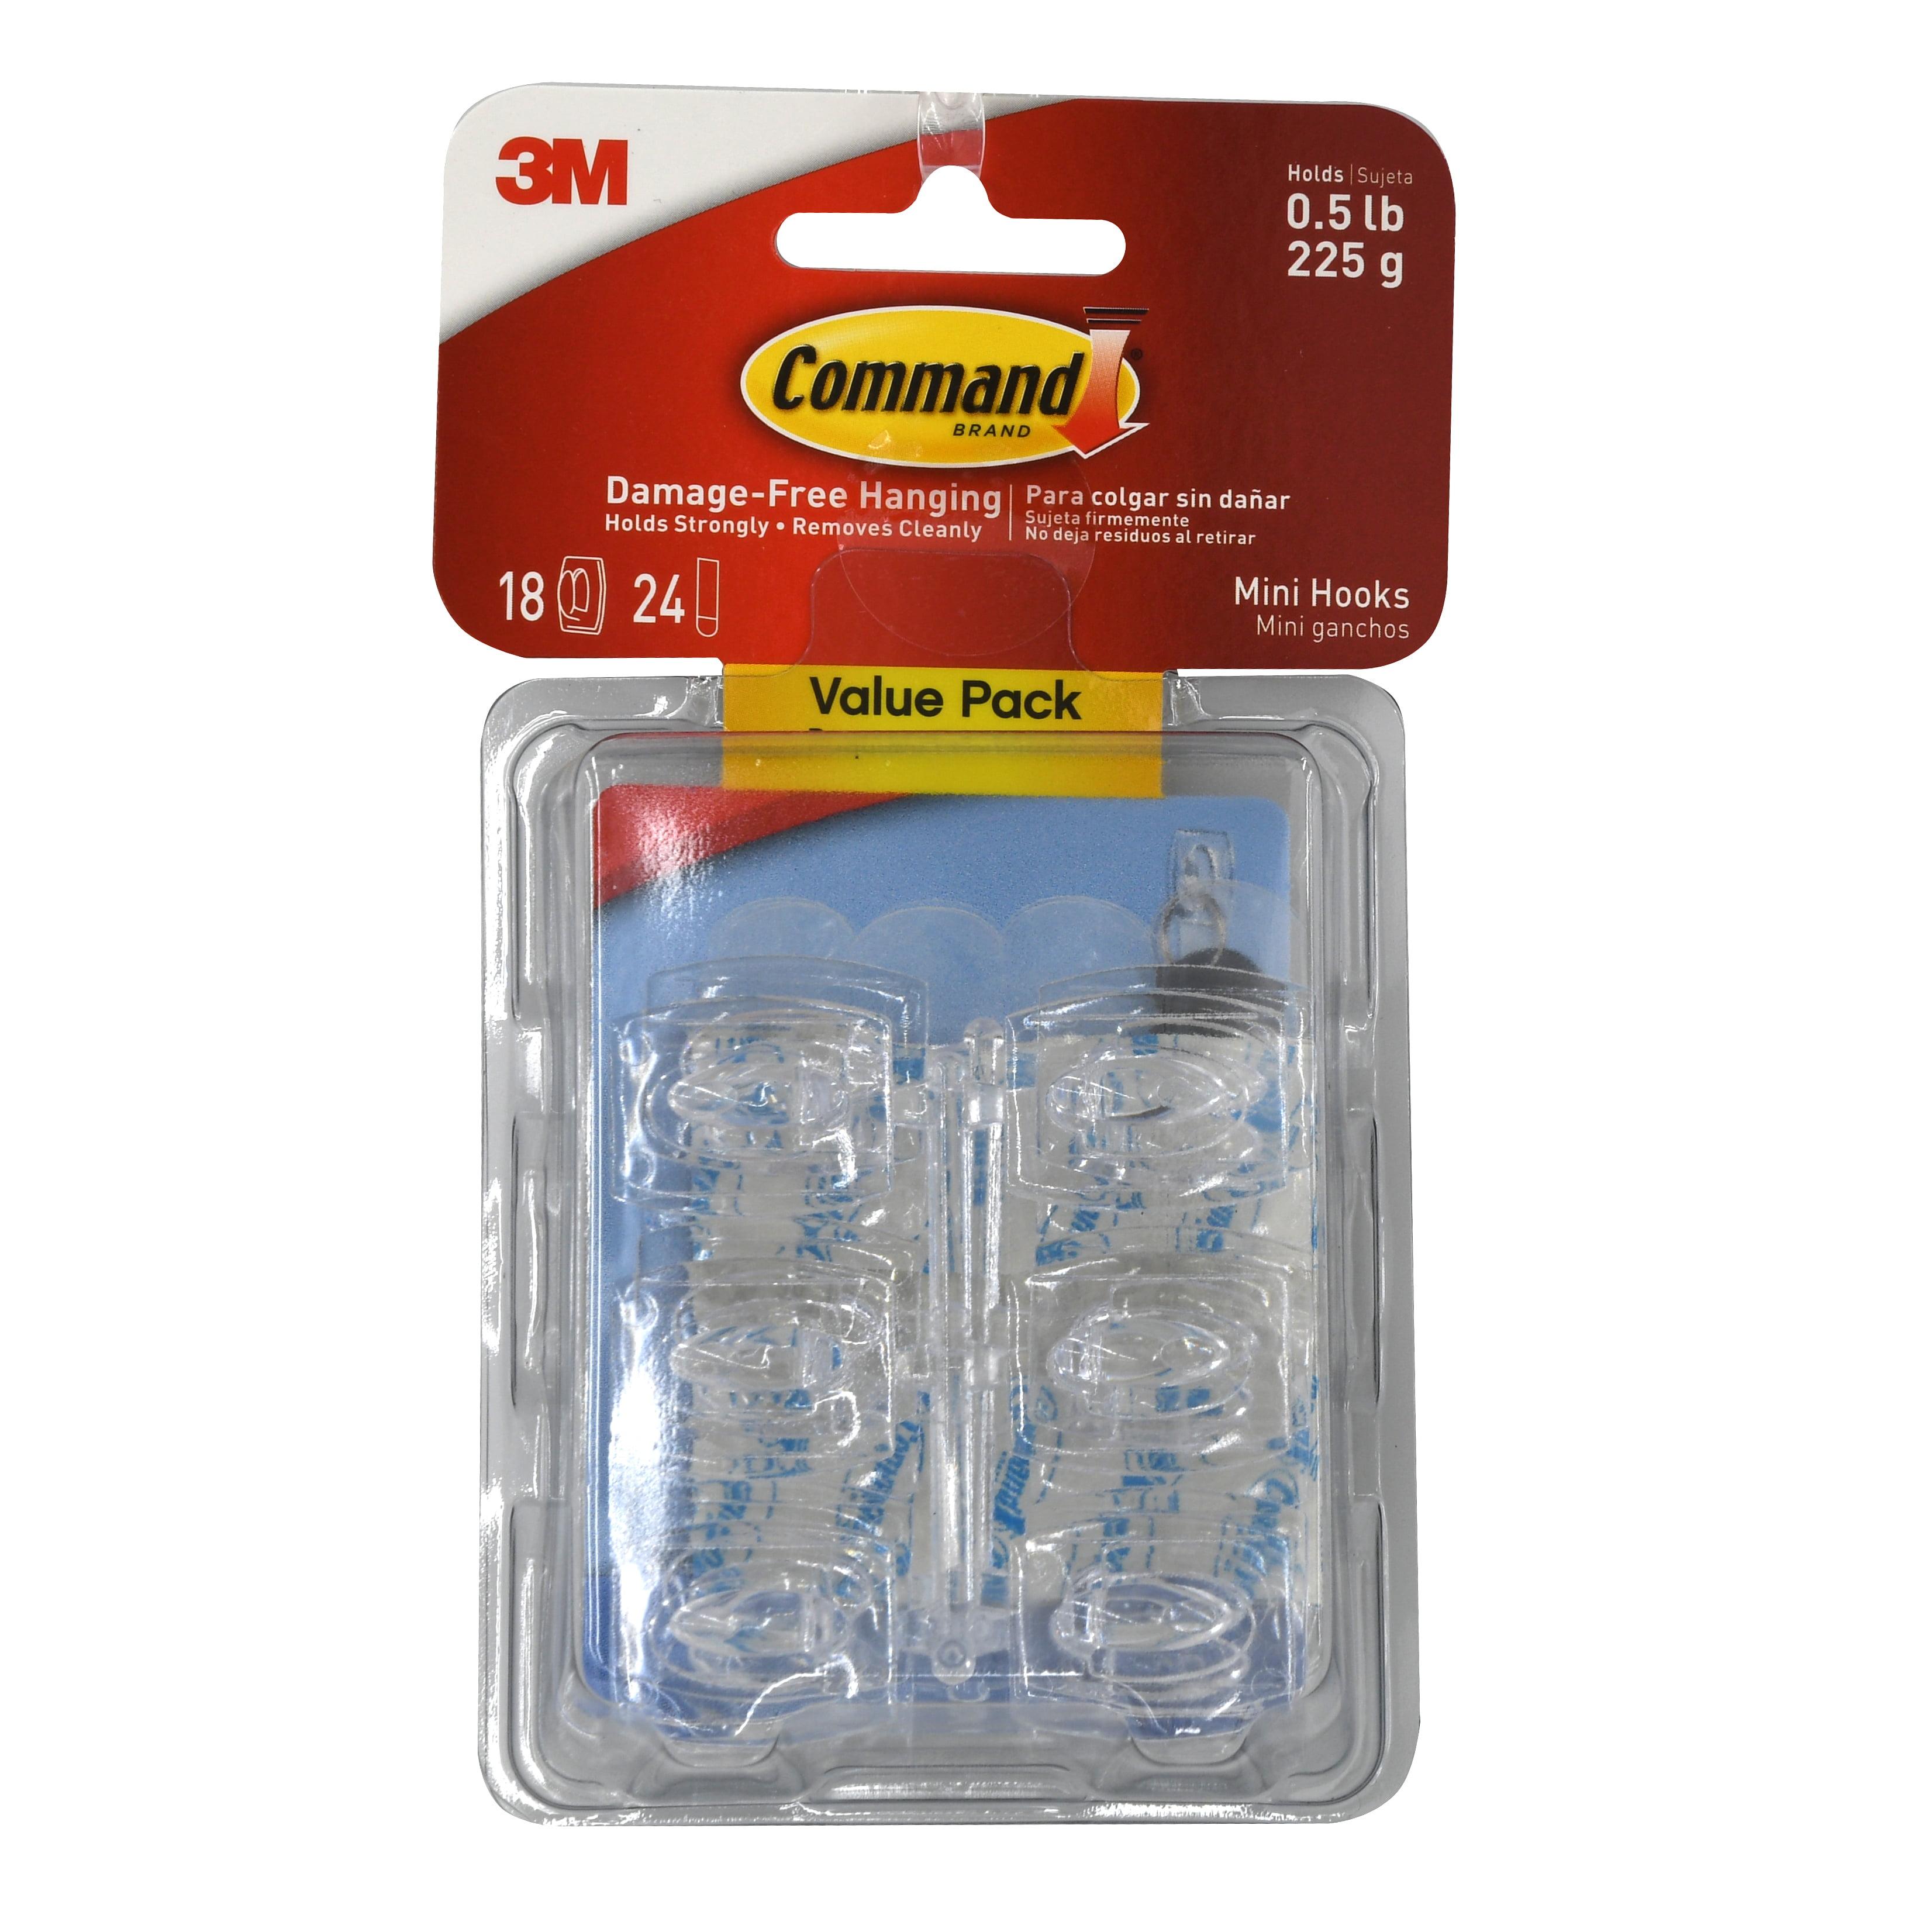 Command hangers walmart